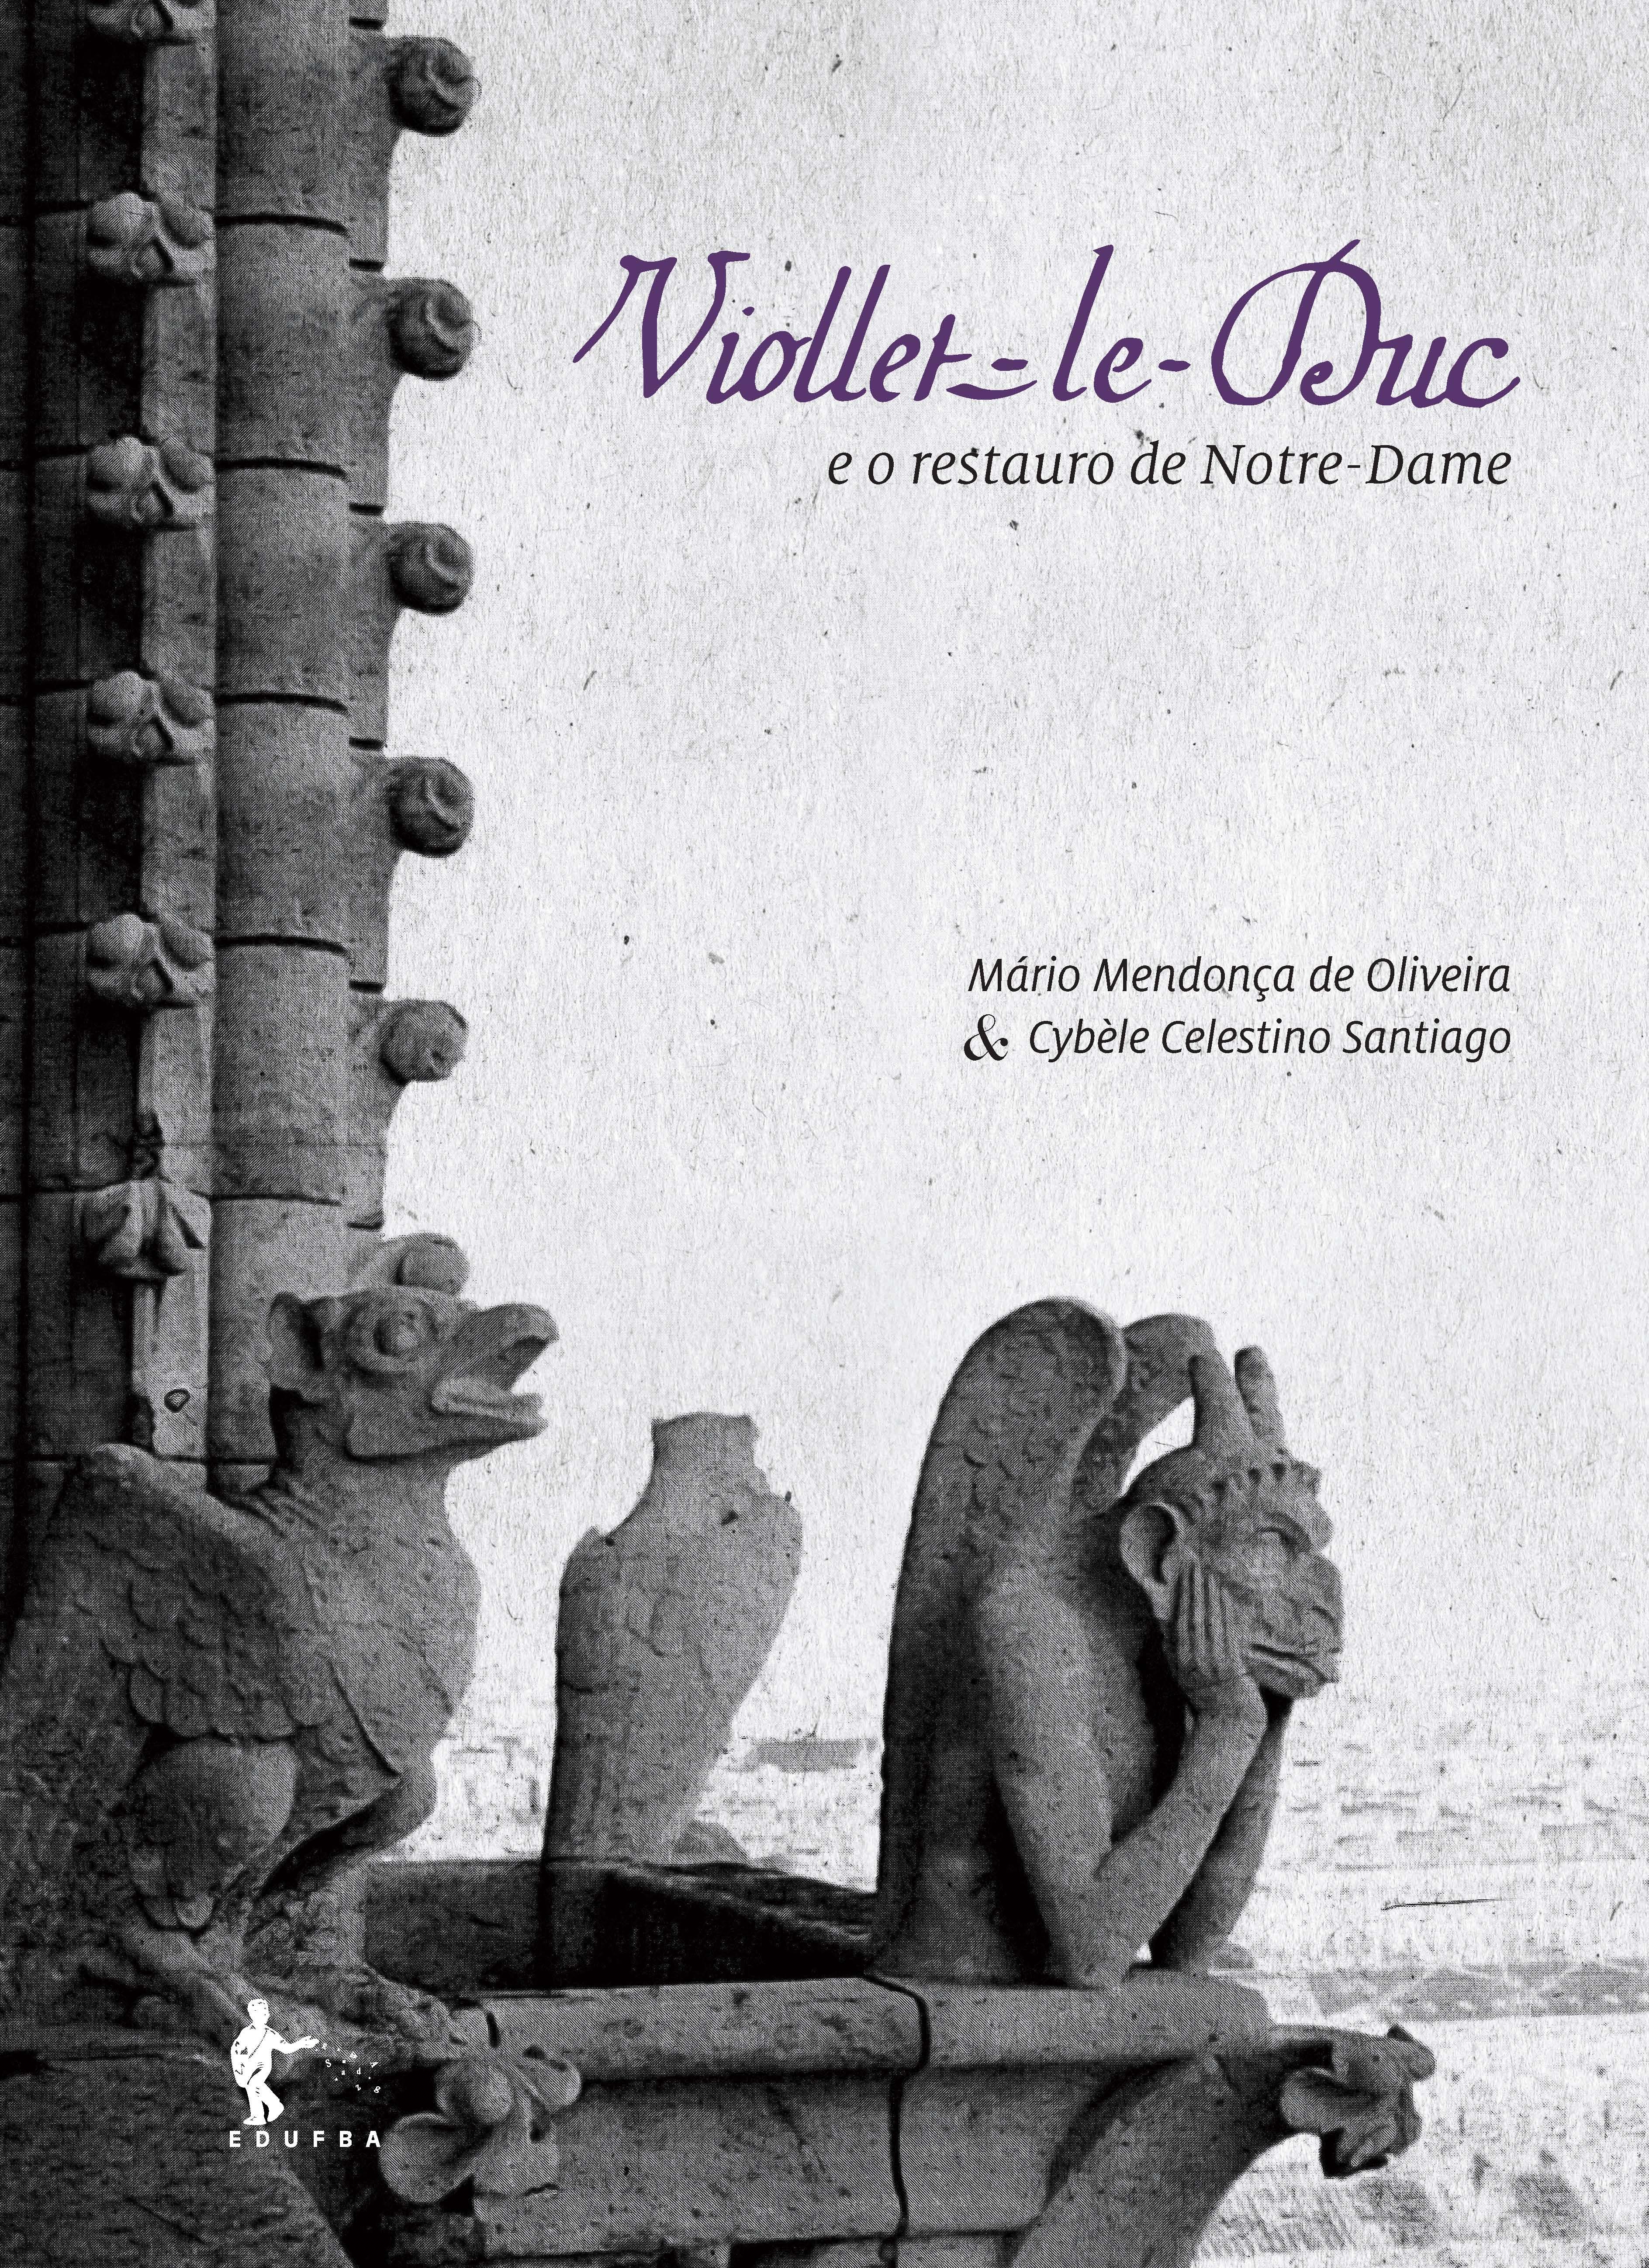 Viollet-le-Duc e o restauro de Notre Dame, livro de Mário Mendonça de Oliveira, Cybèle Celestino Santiago